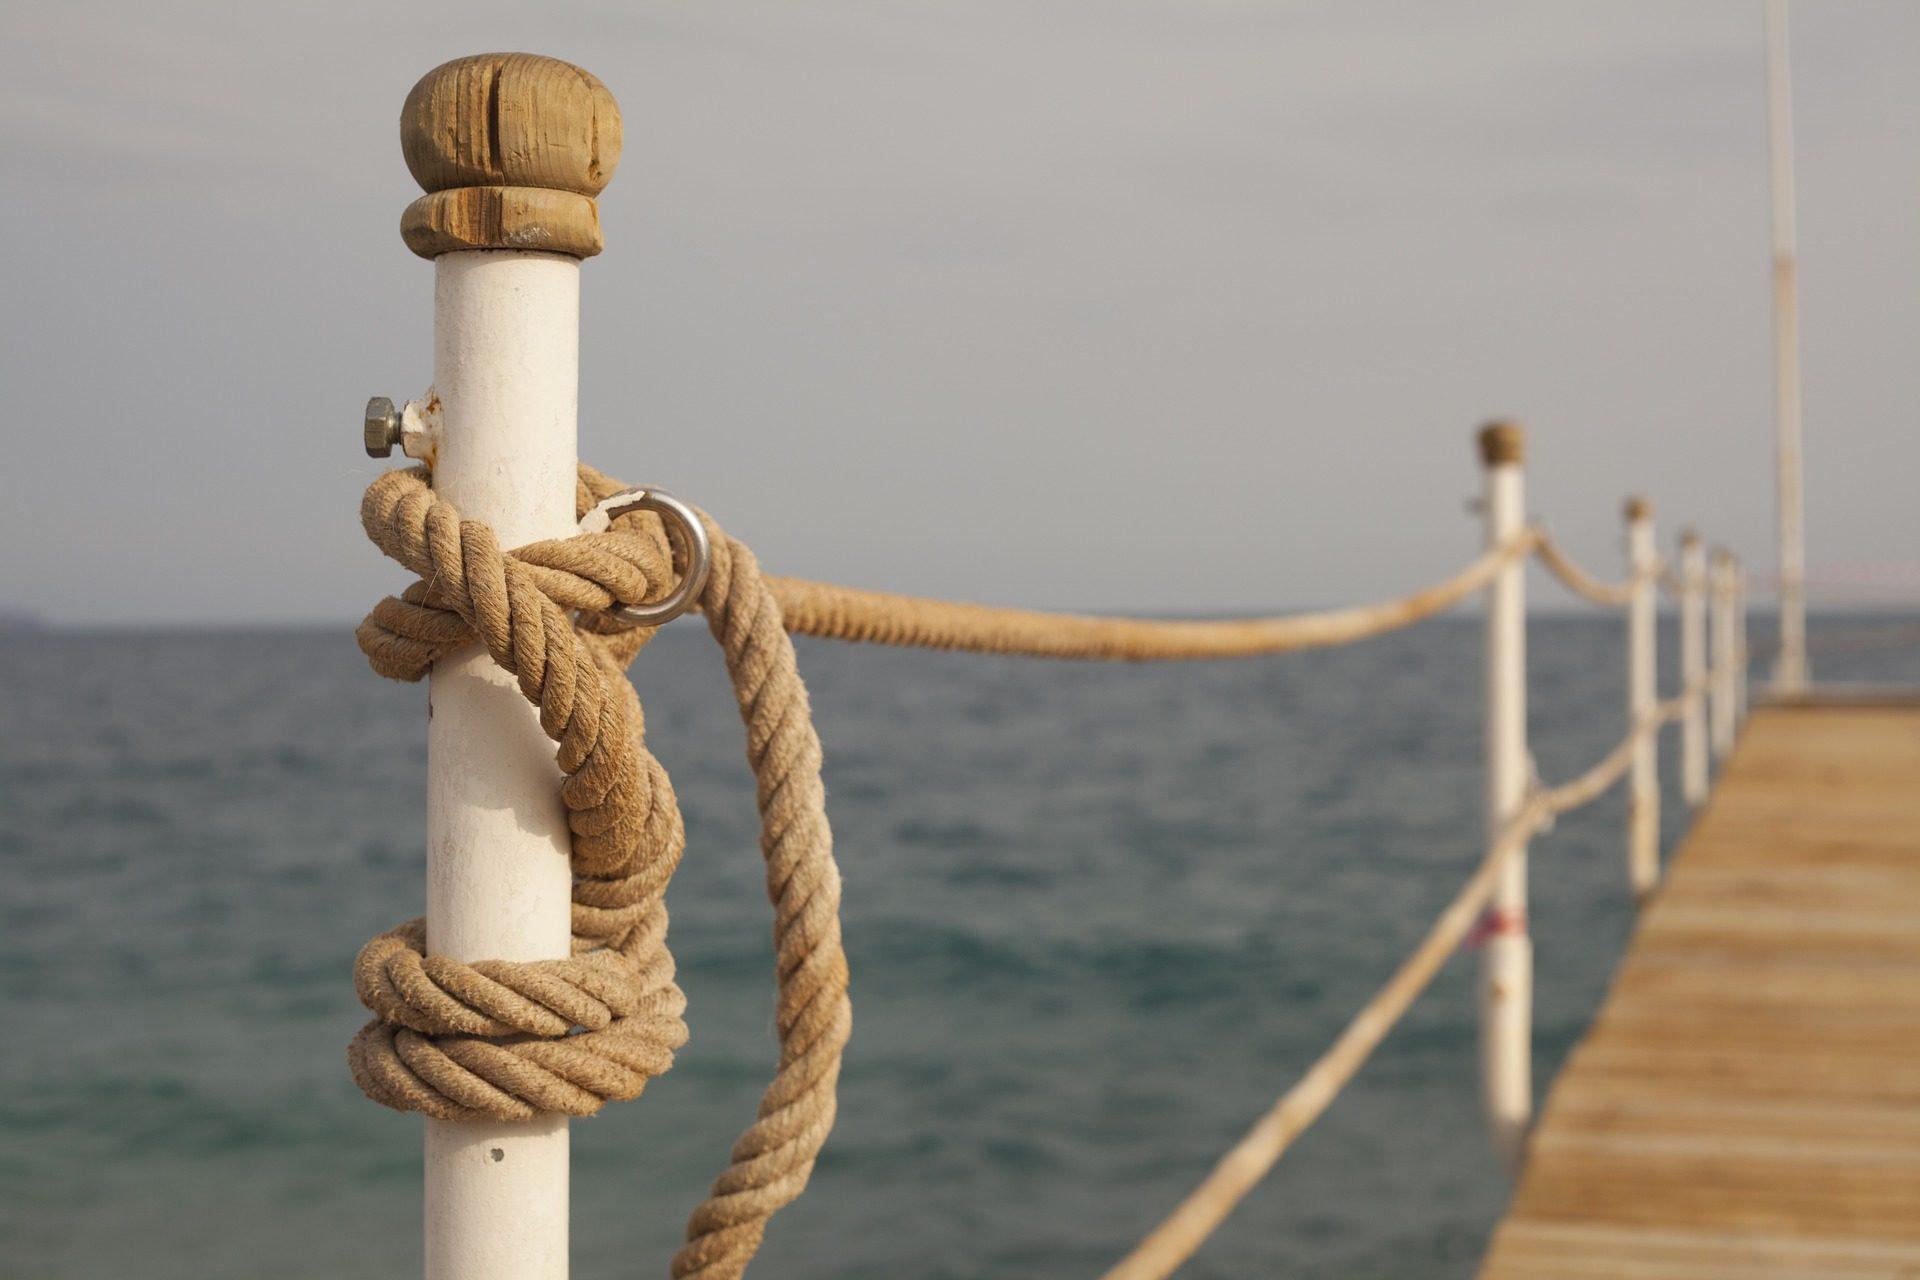 puerto, muelle, cuerda, sujección, mar - Fondos de Pantalla HD - professor-falken.com